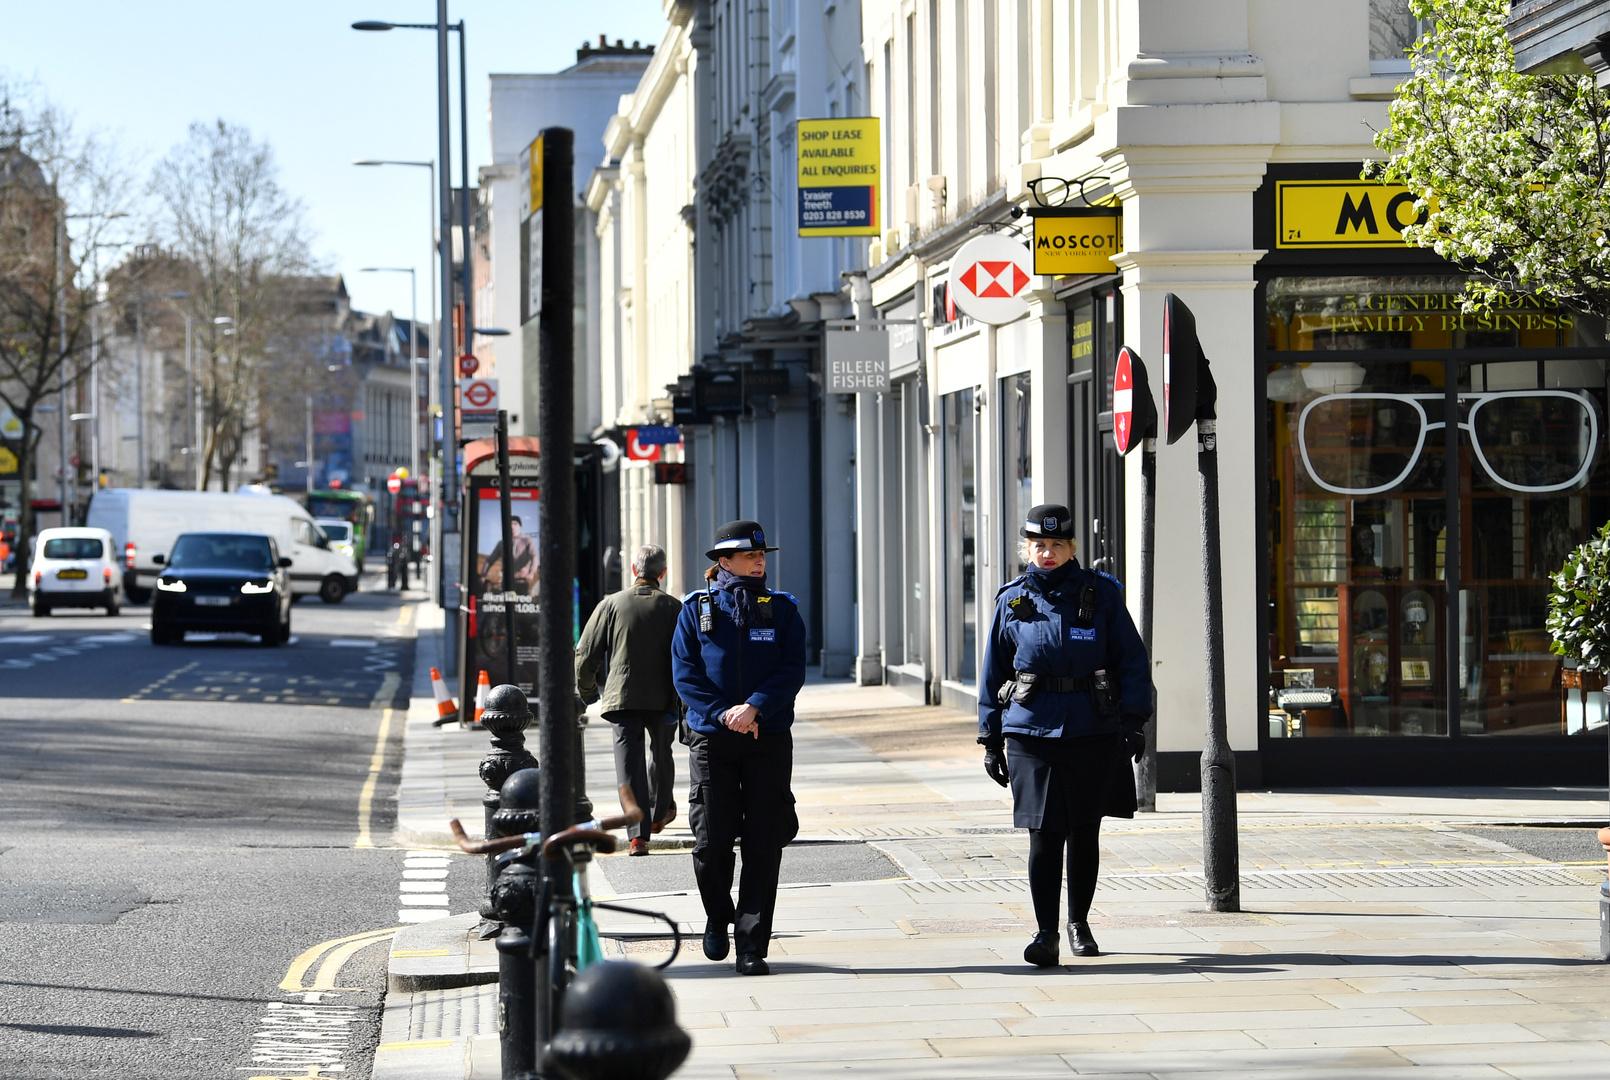 Storbritannien .. Overtrædere af hjemmet står over for arrestation og en bøde